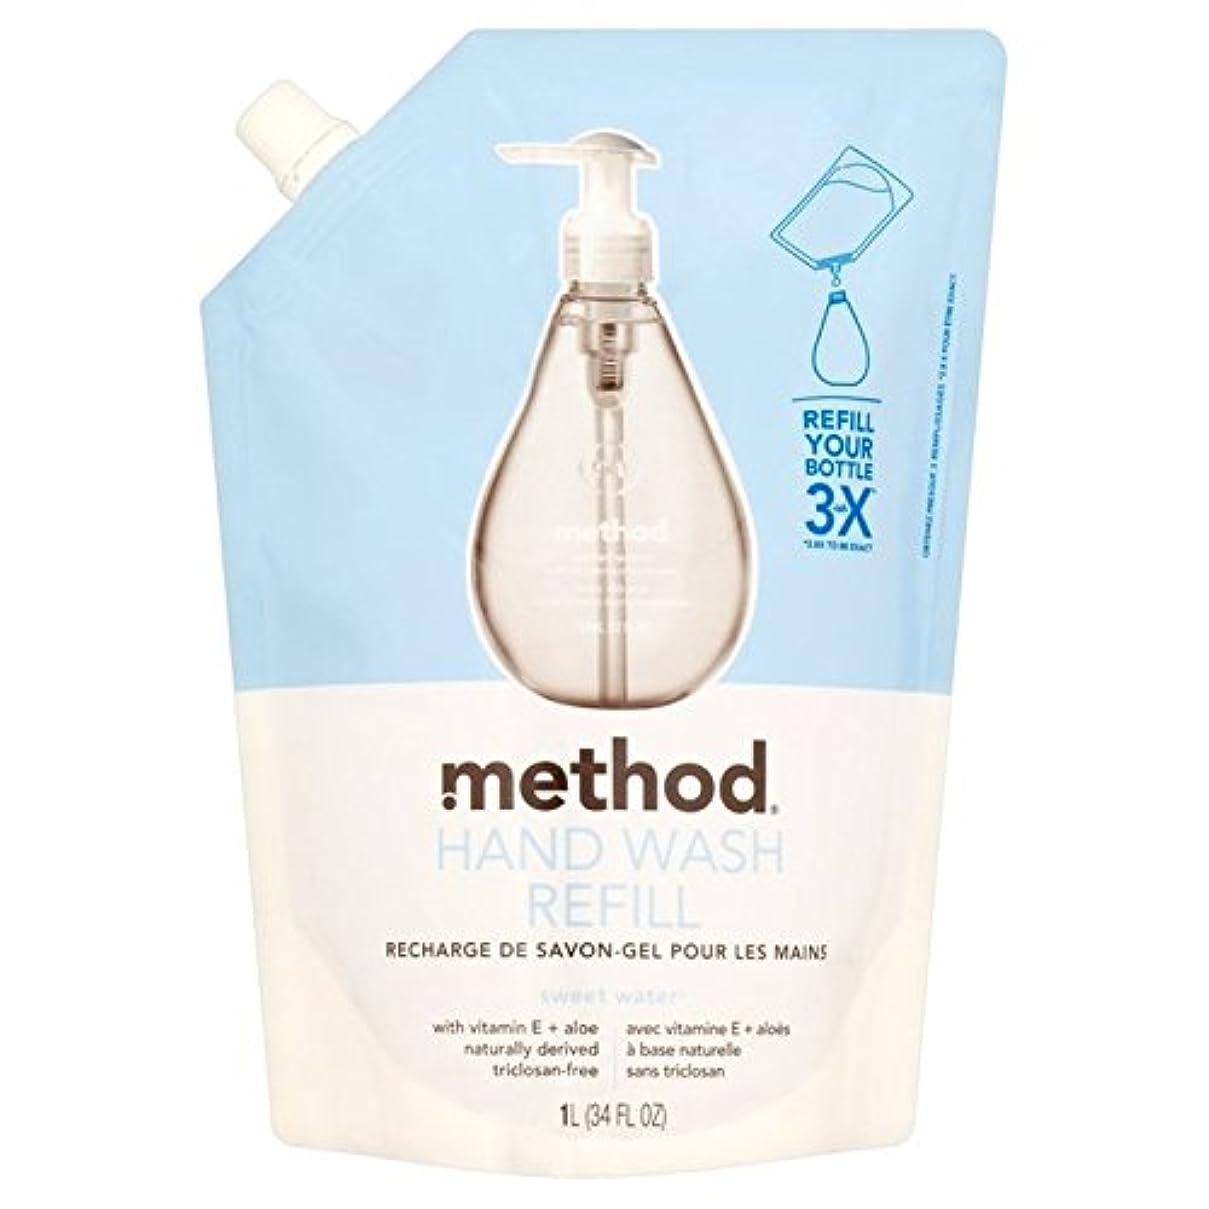 言う泥沼エジプトMethod Sweet Water Refil Handwash 1L (Pack of 6) - メソッドの甘い水のリファイルの手洗いの1リットル x6 [並行輸入品]